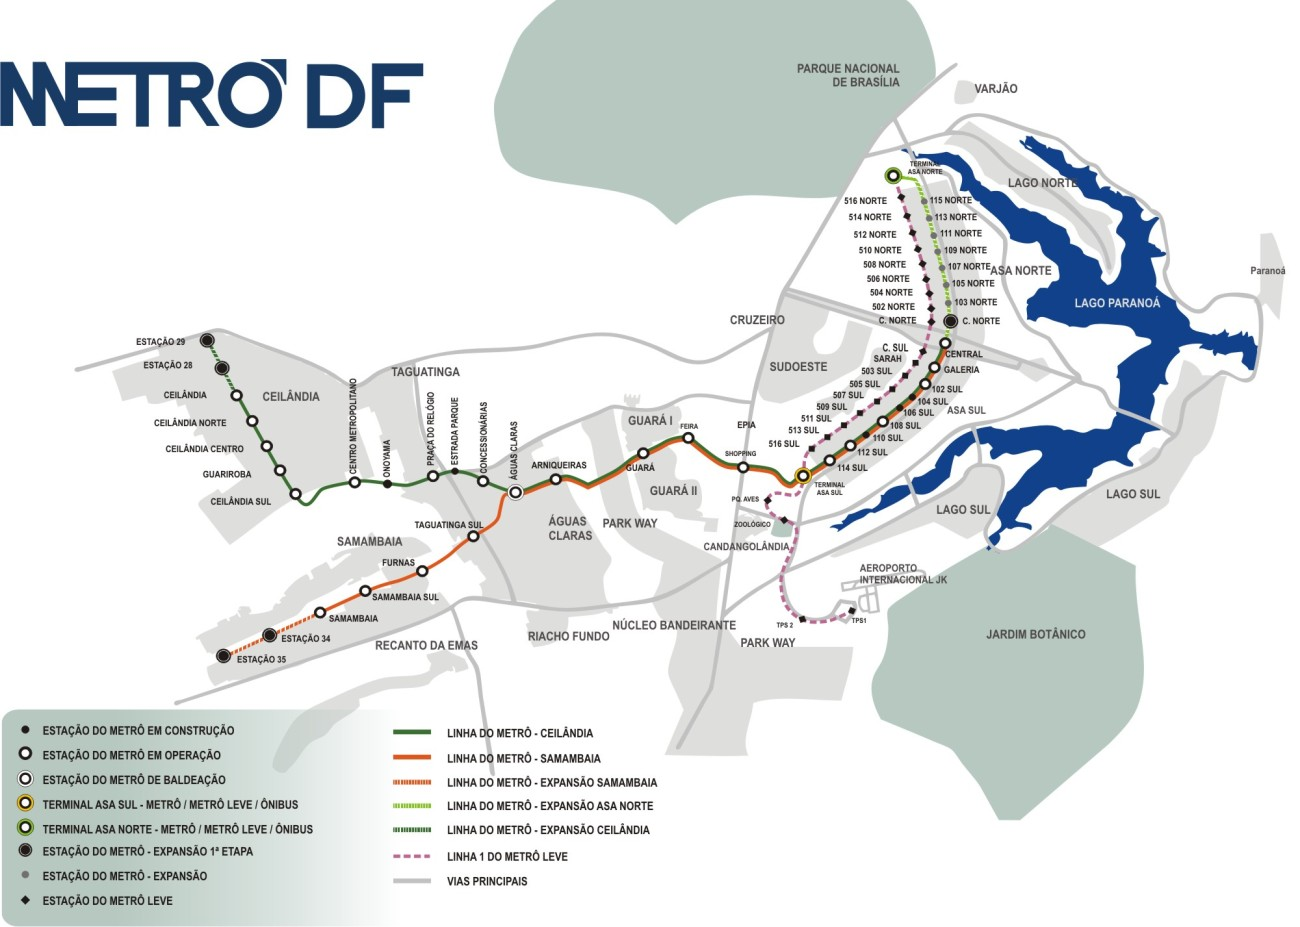 mapa-metro-brazilia